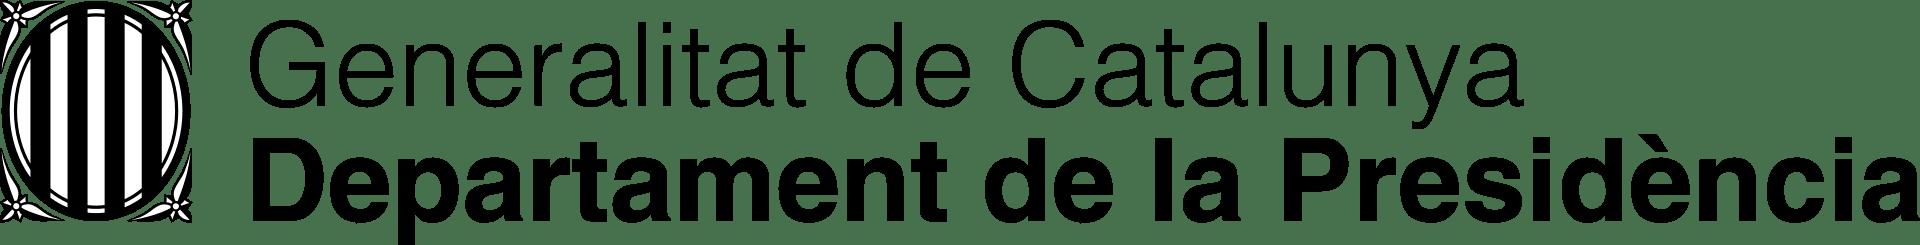 Generalitat de Catalunya. Departament de la Presidència.